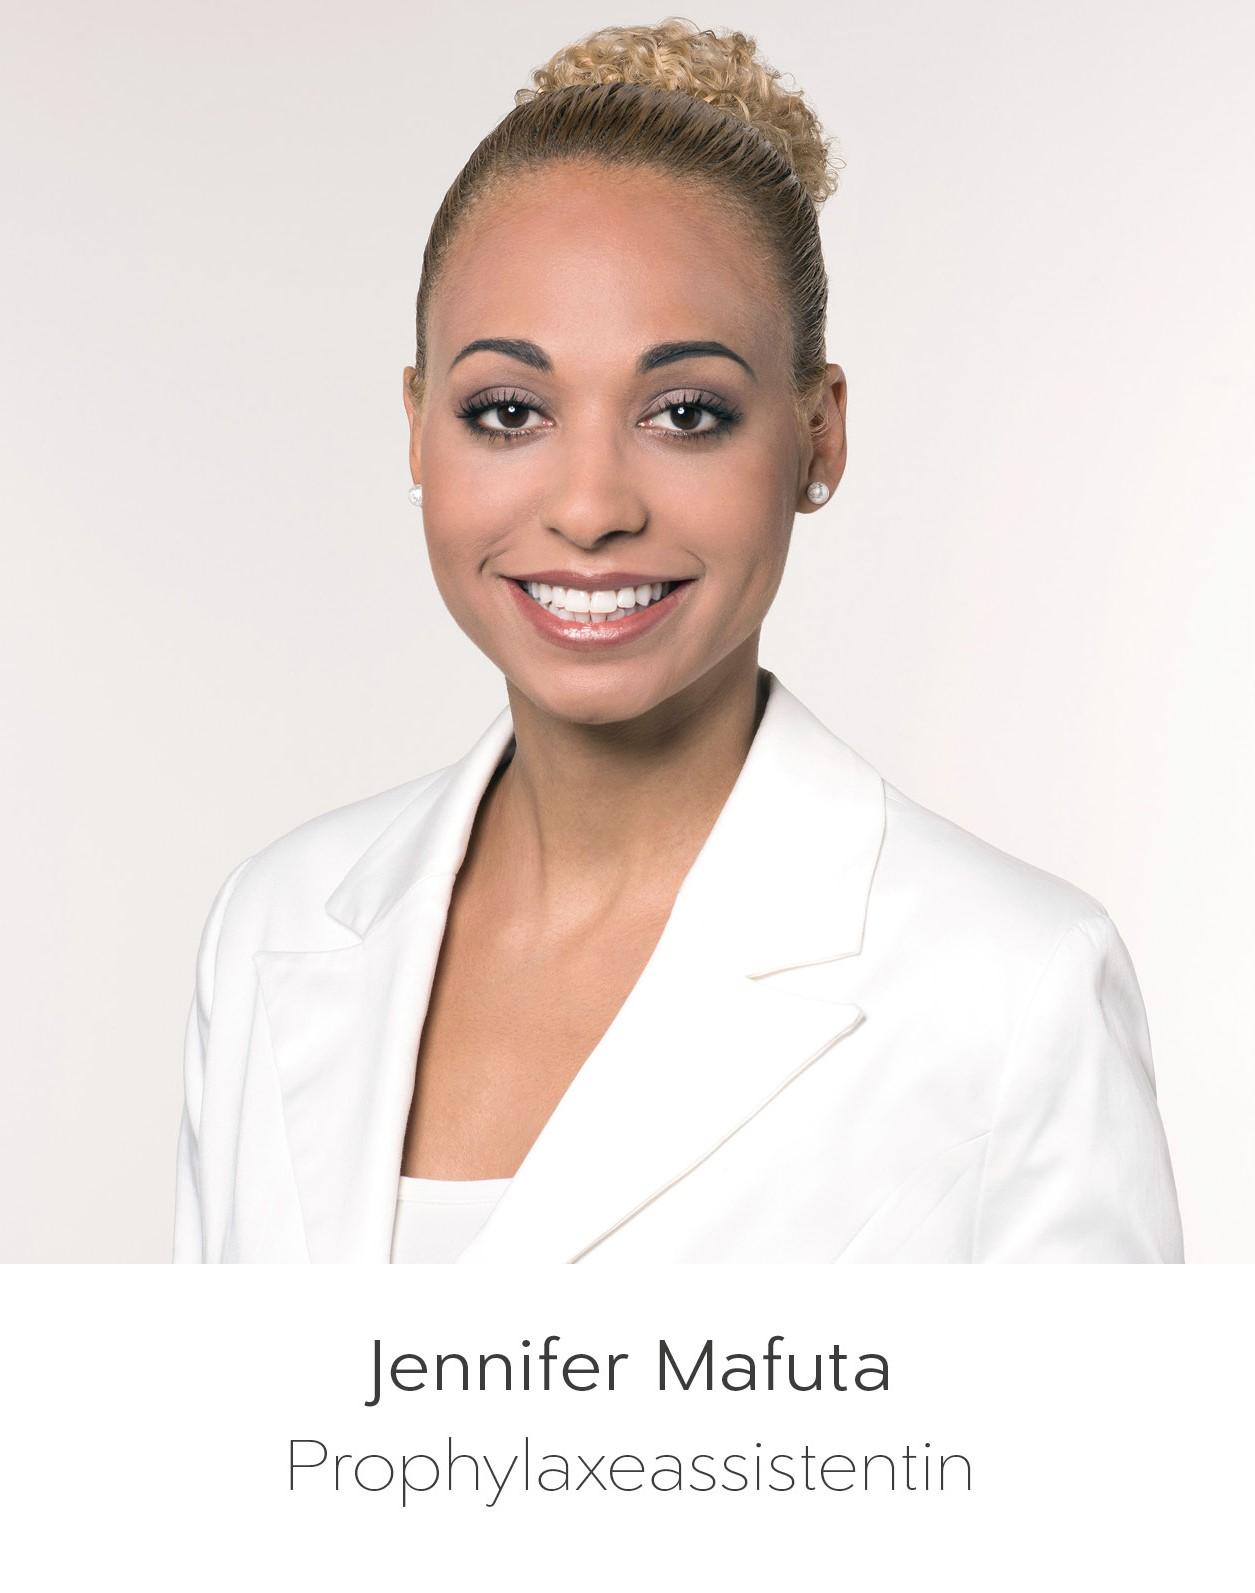 Jennifer Mafuta